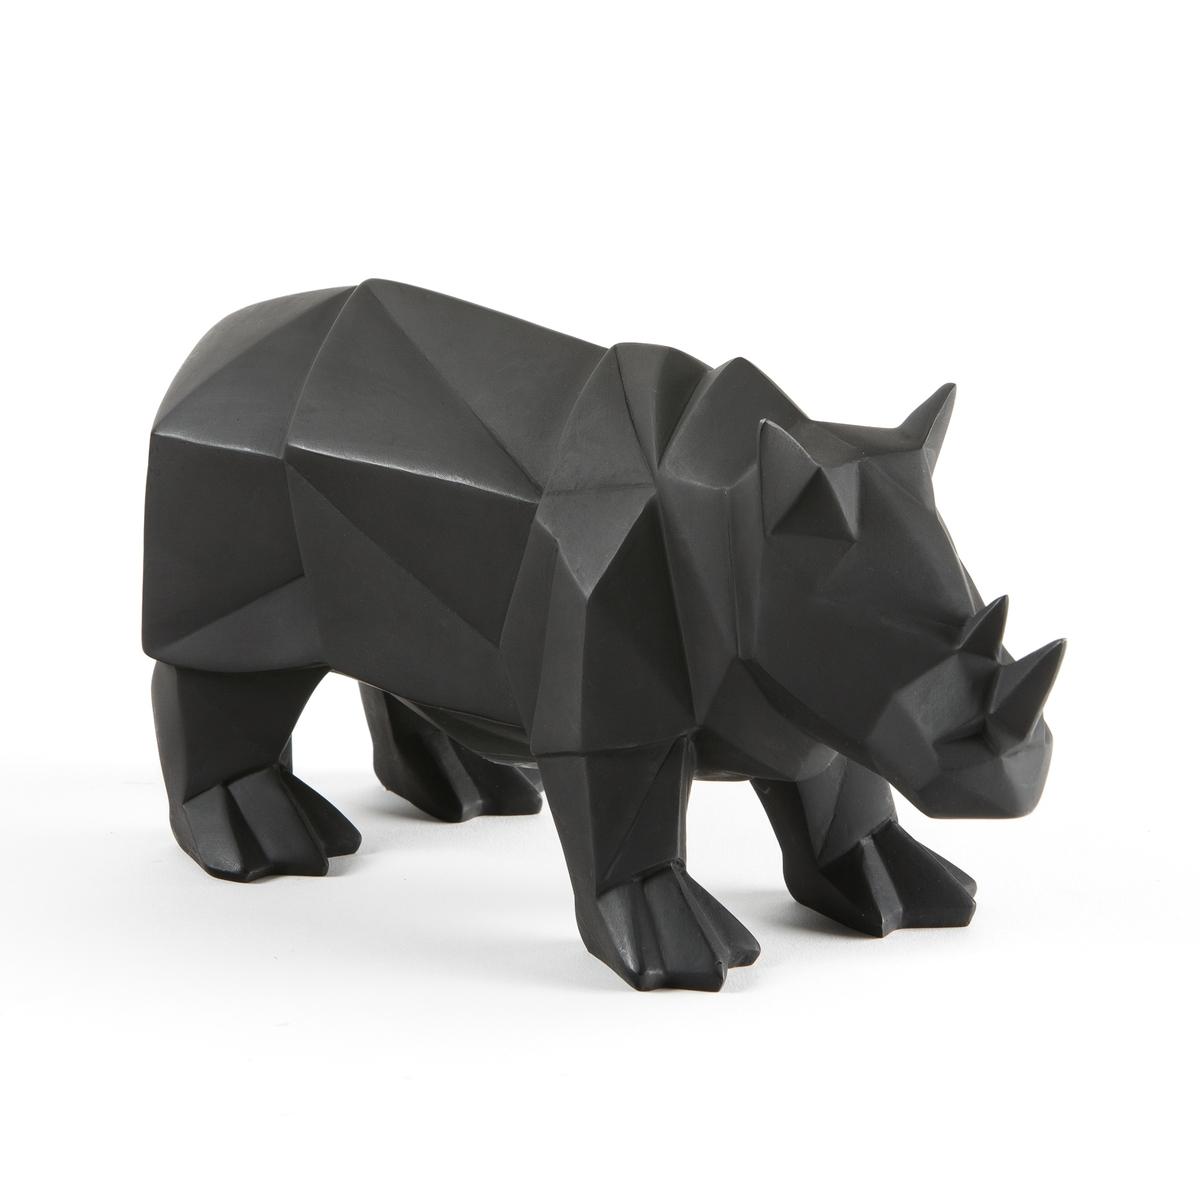 Носорог декоративный BLAZIAНосорог для украшения вашего интерьера в кубическом стиле. Его конструкция напоминает поделки оригами.Характеристики декоративного носорога Blazia :Декоративный носорог из полимера.Размеры декоративного носорога Blazia :Длина 28 смШирина 11 смВысота 14 см<br><br>Цвет: черный